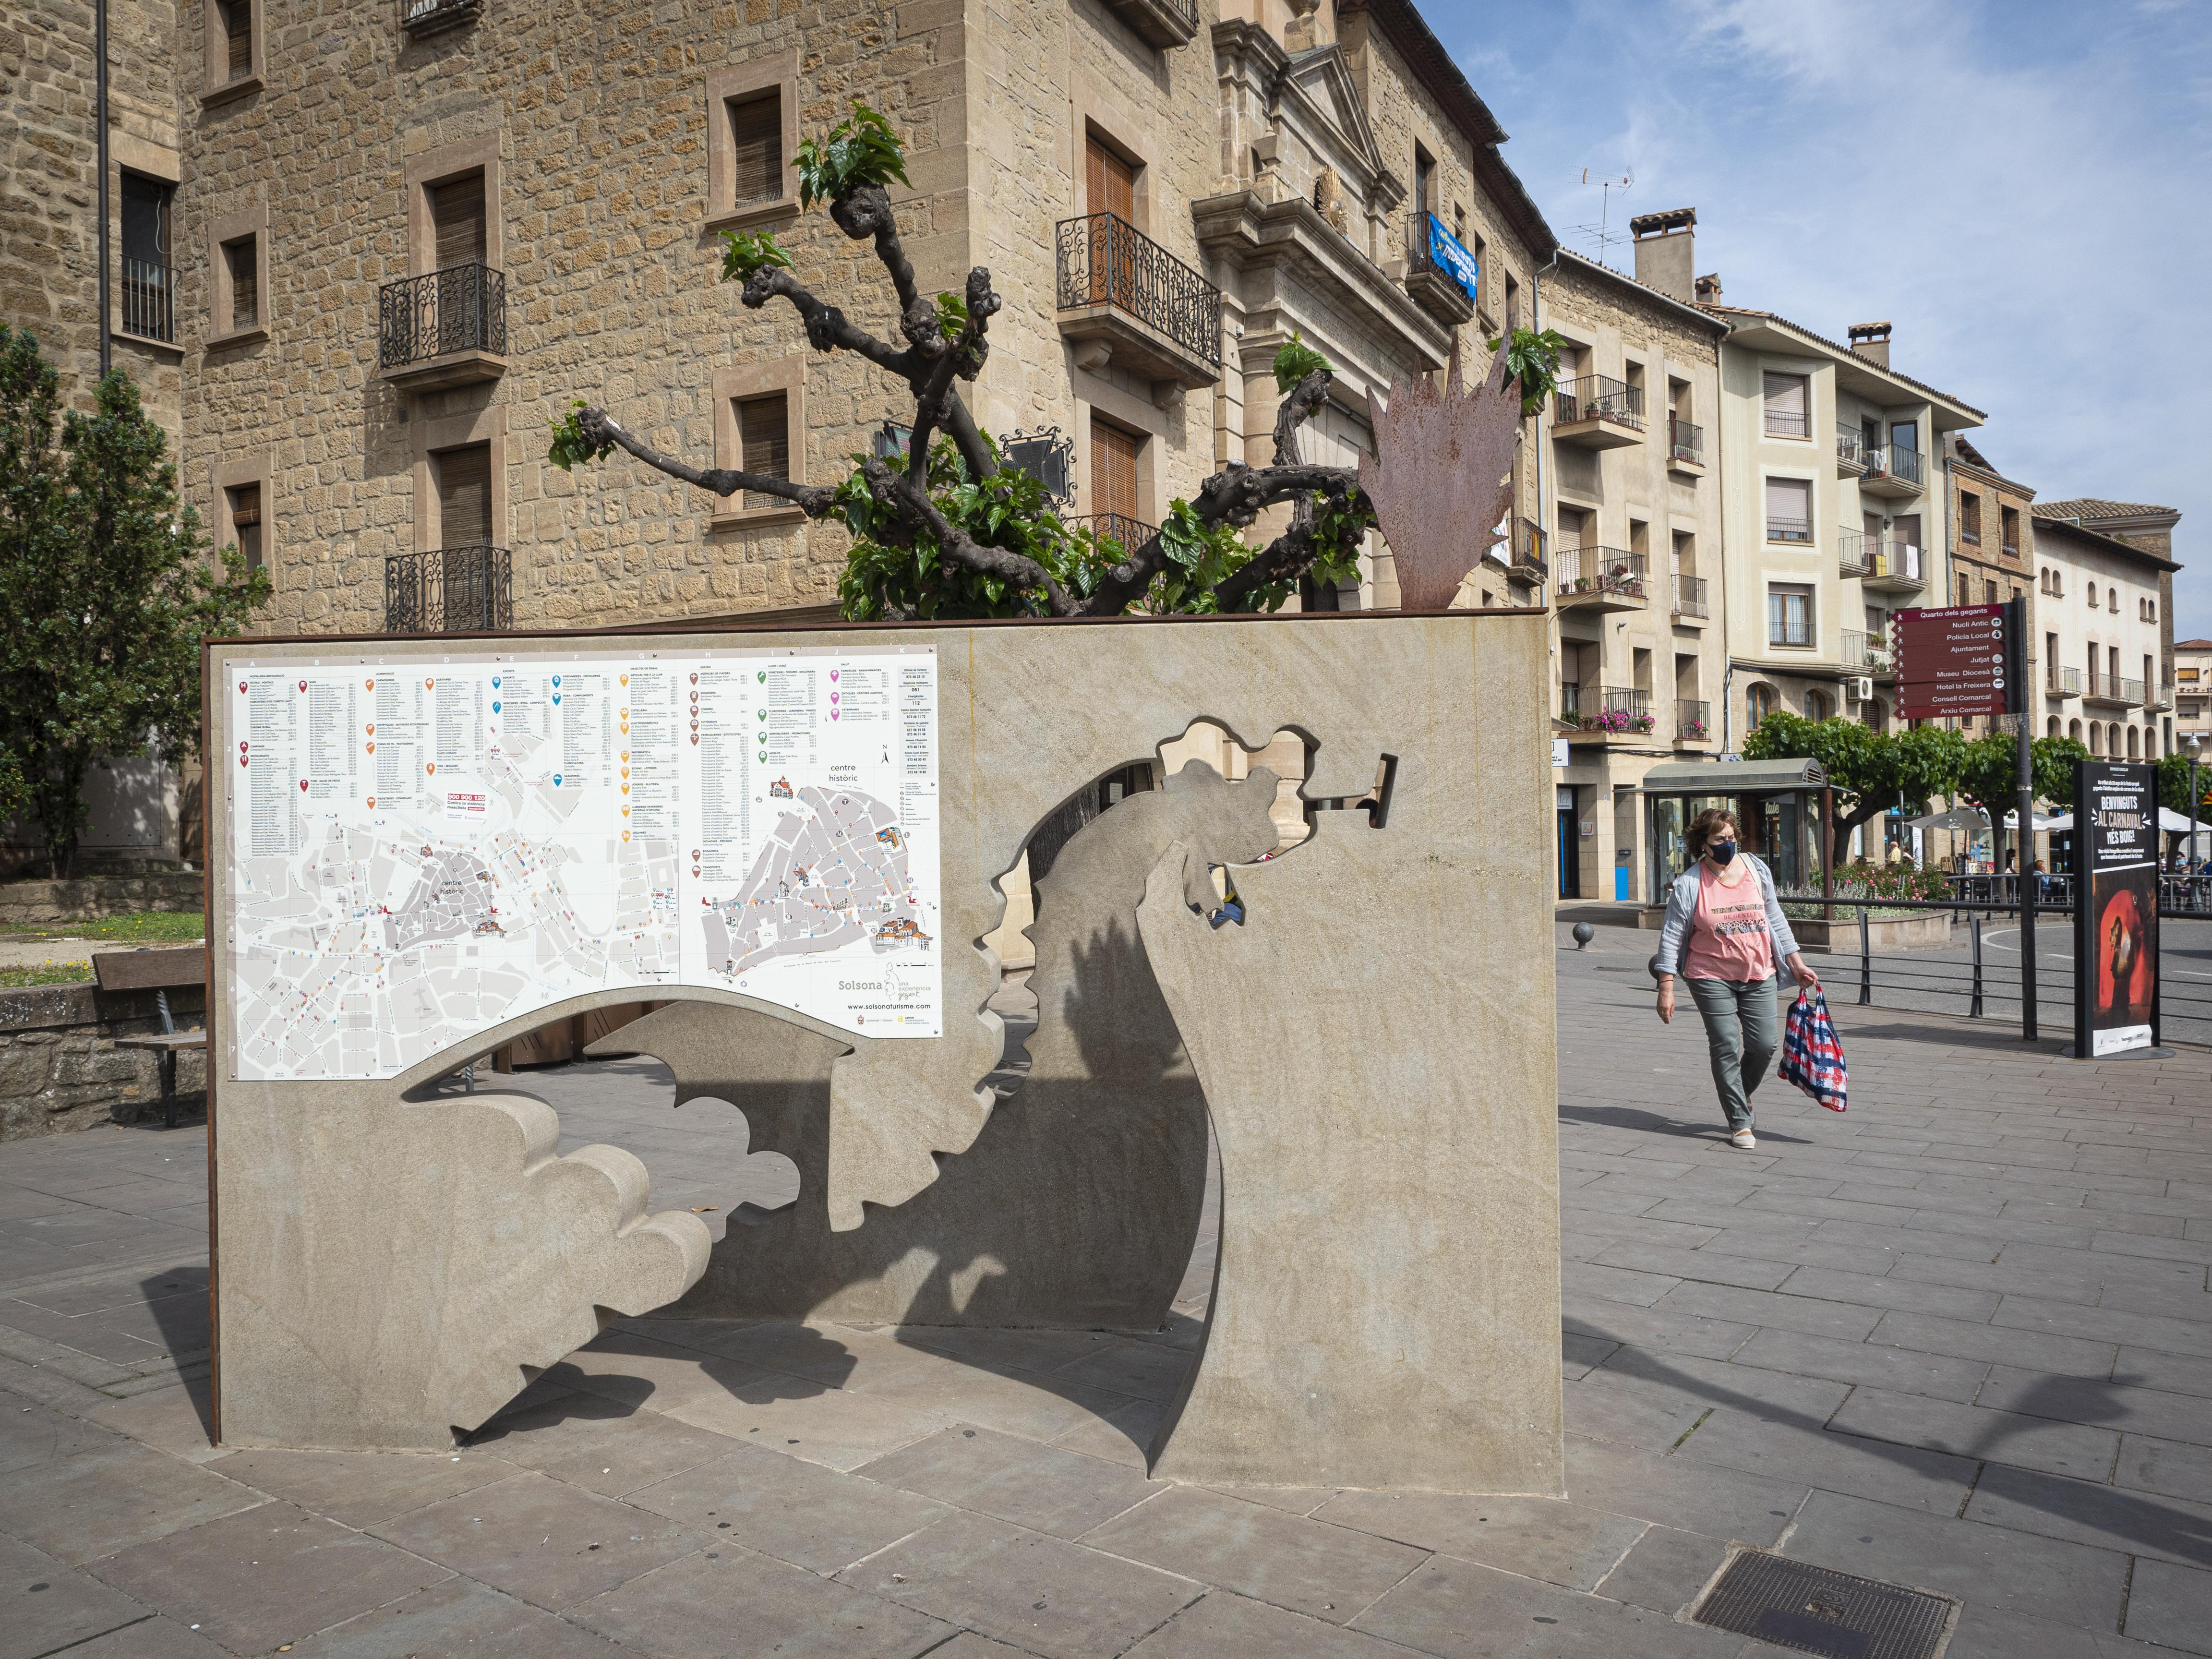 Carrers de Solsona. FOTO: Anna E. Puig